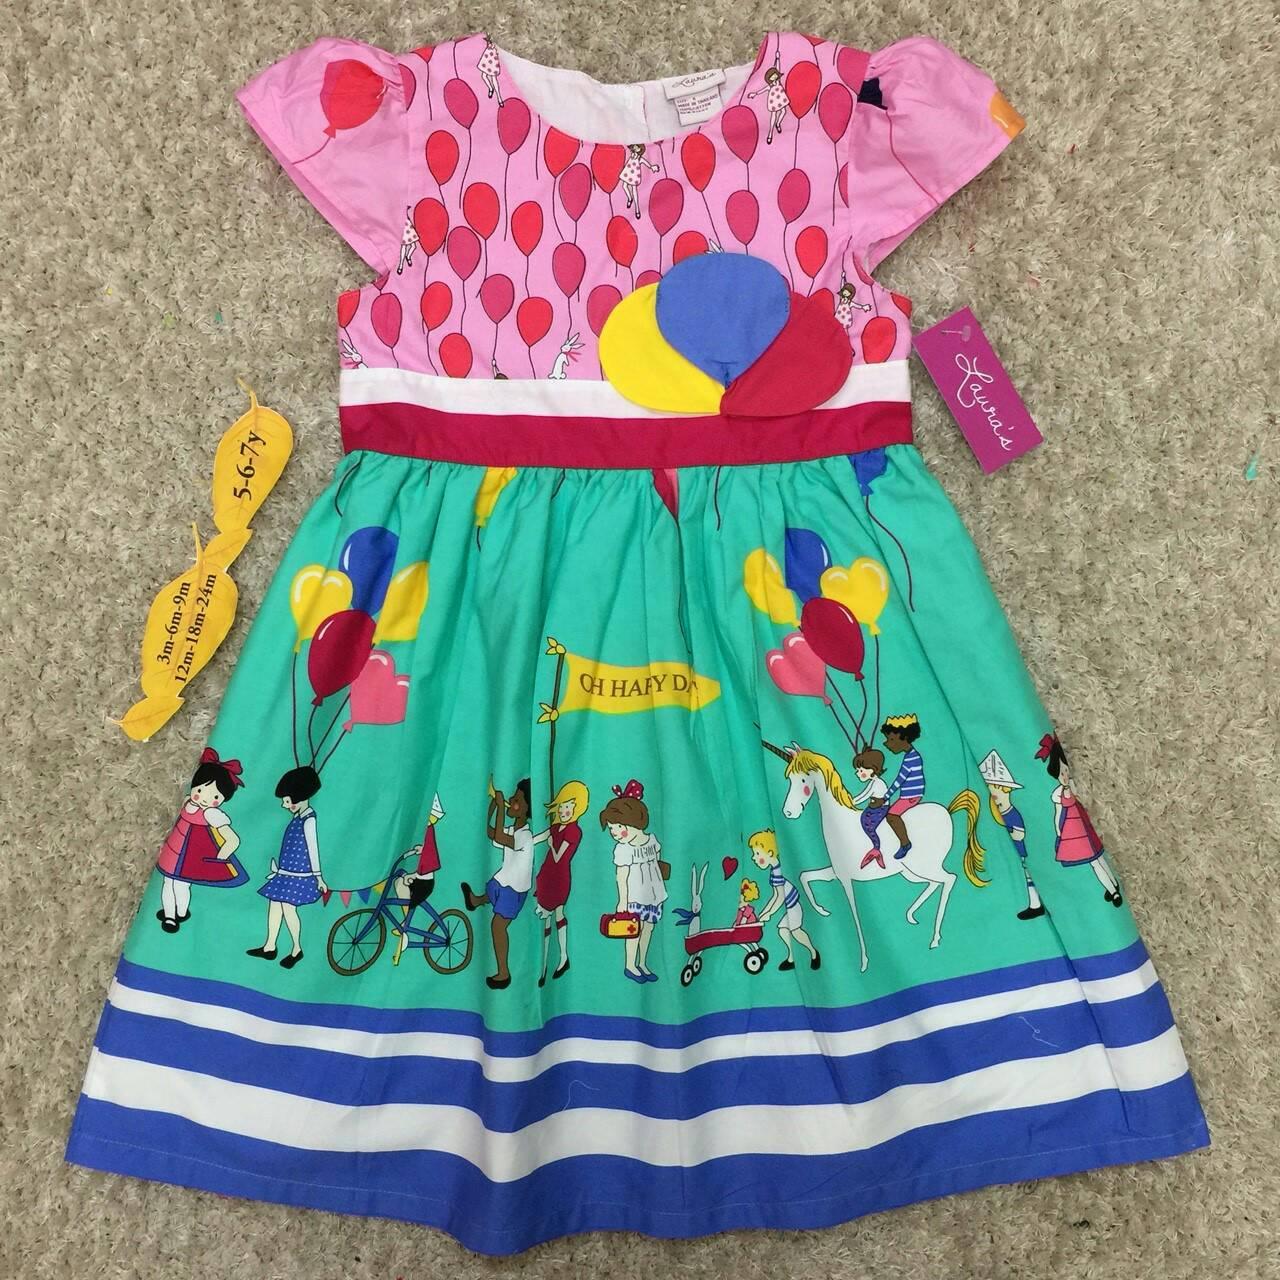 เสื้อผ้าเด็ก 5-7ปี size 5Y-6Y-7Y ลายลูกโป่ง สีชมพู/เขียว